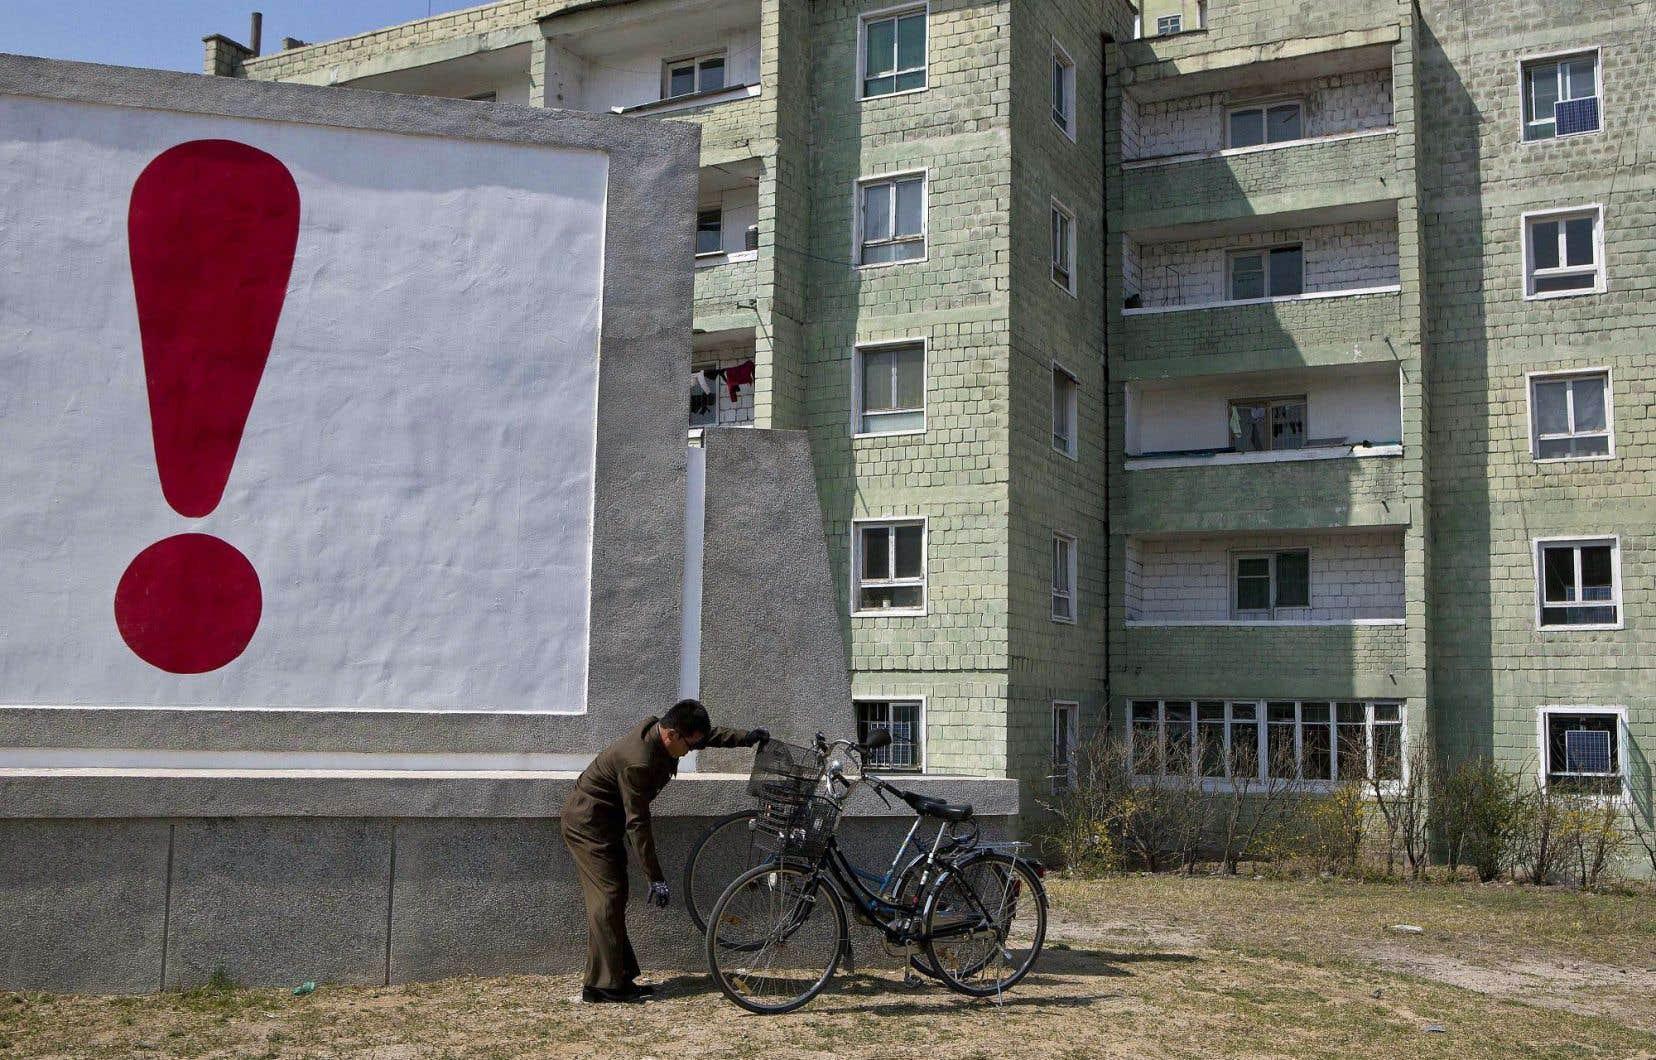 En Corée du Nord, la propagande gouvernementale est souvent exclamative. Ci-dessus, un homme vérifie son vélo devant un panneau qui affiche un slogan.